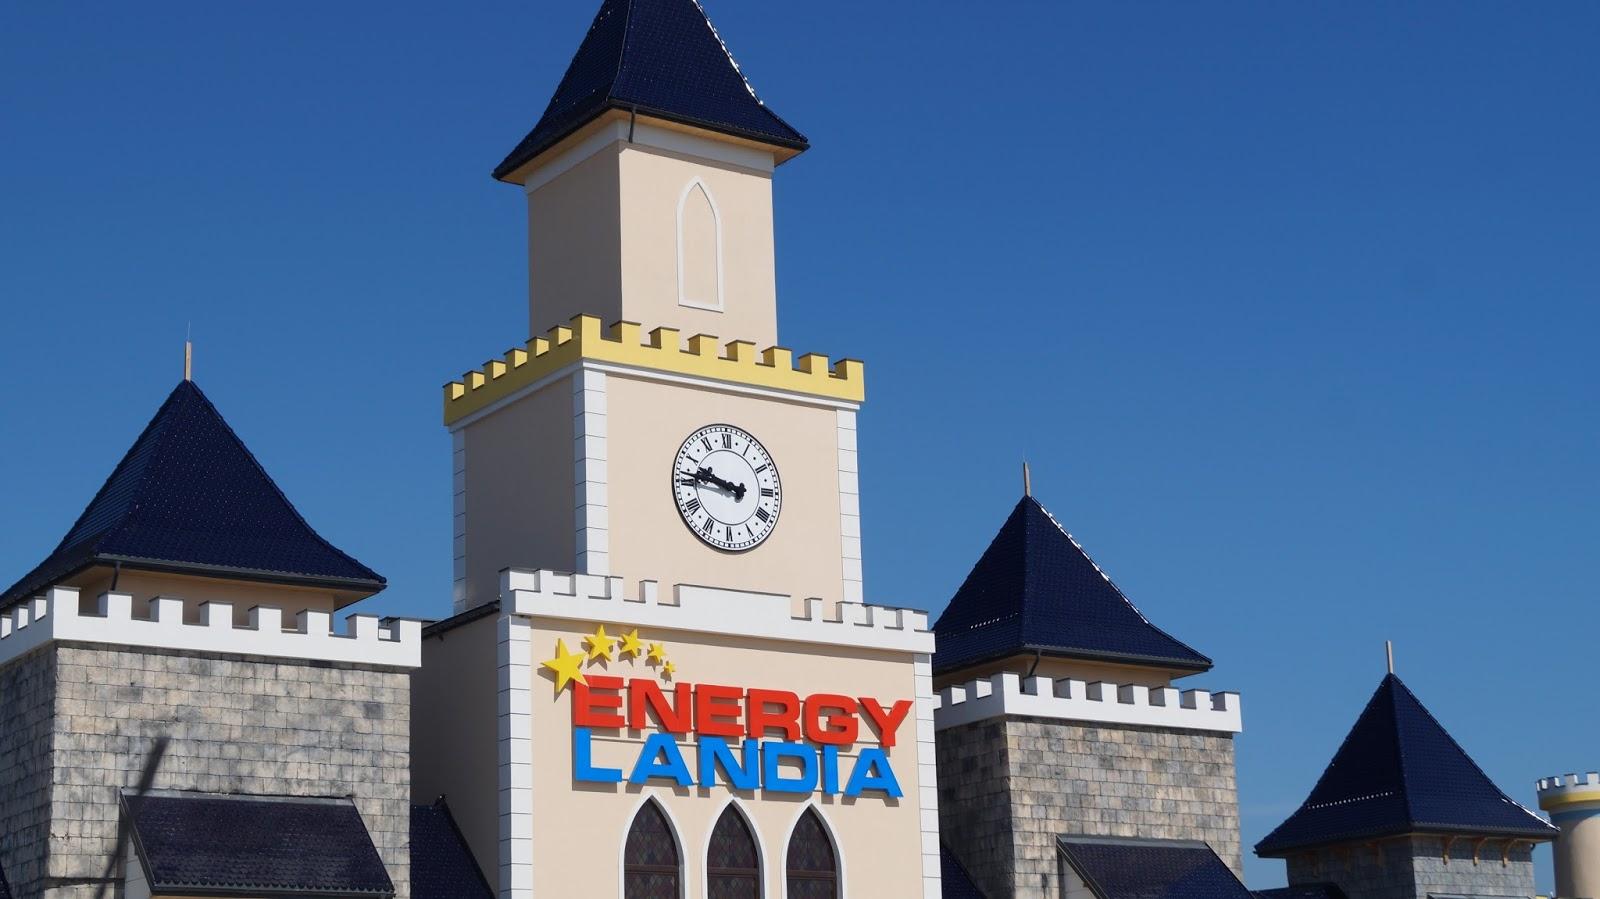 Wakacyjny wyjazd do EnergyLandii. Co warto zobaczyć?